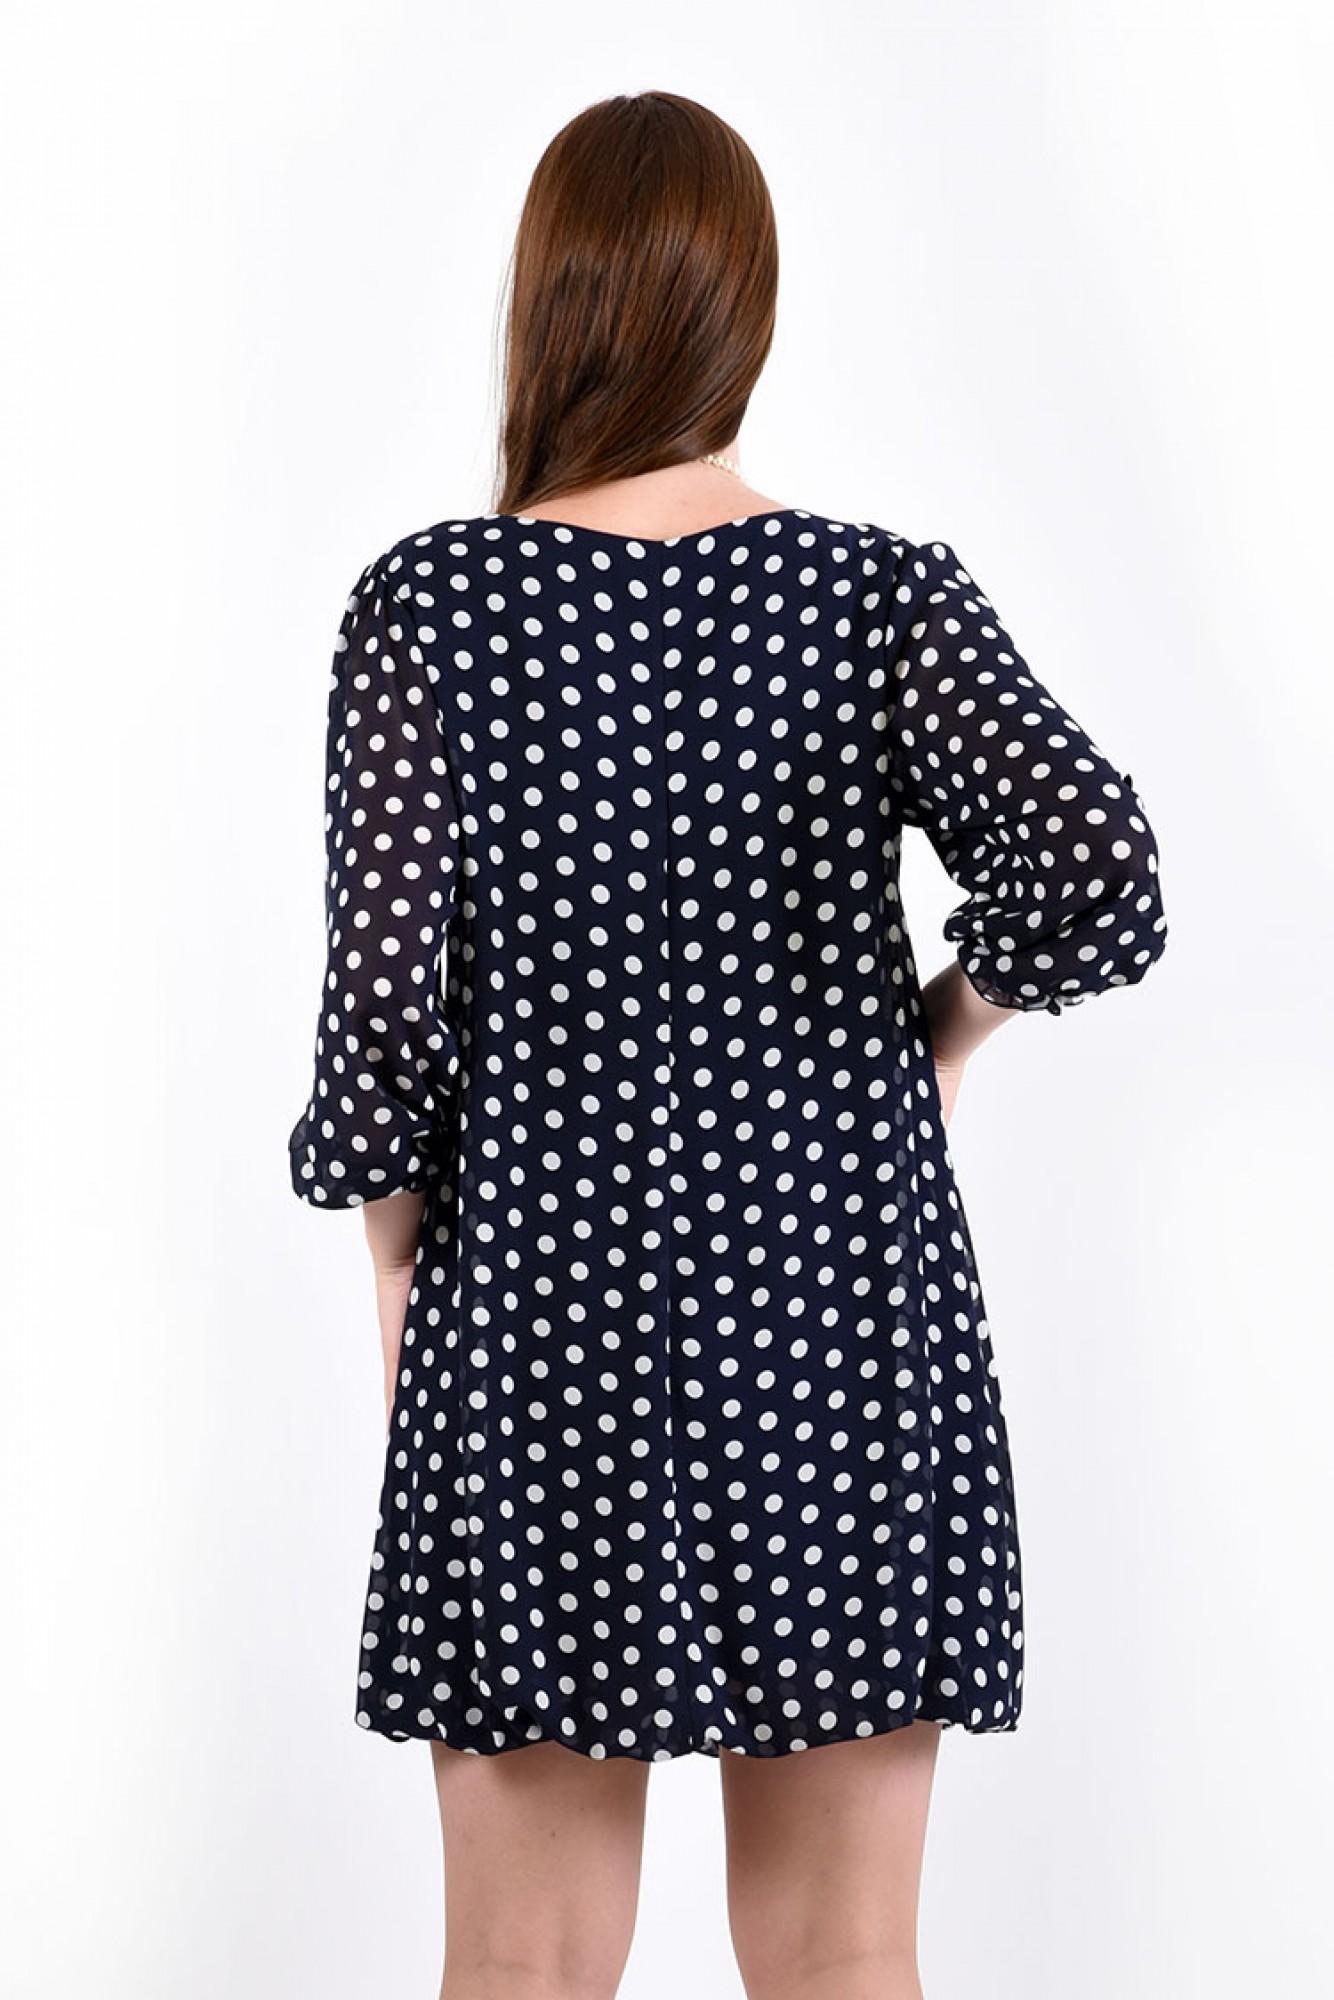 Женская одежда российского производства